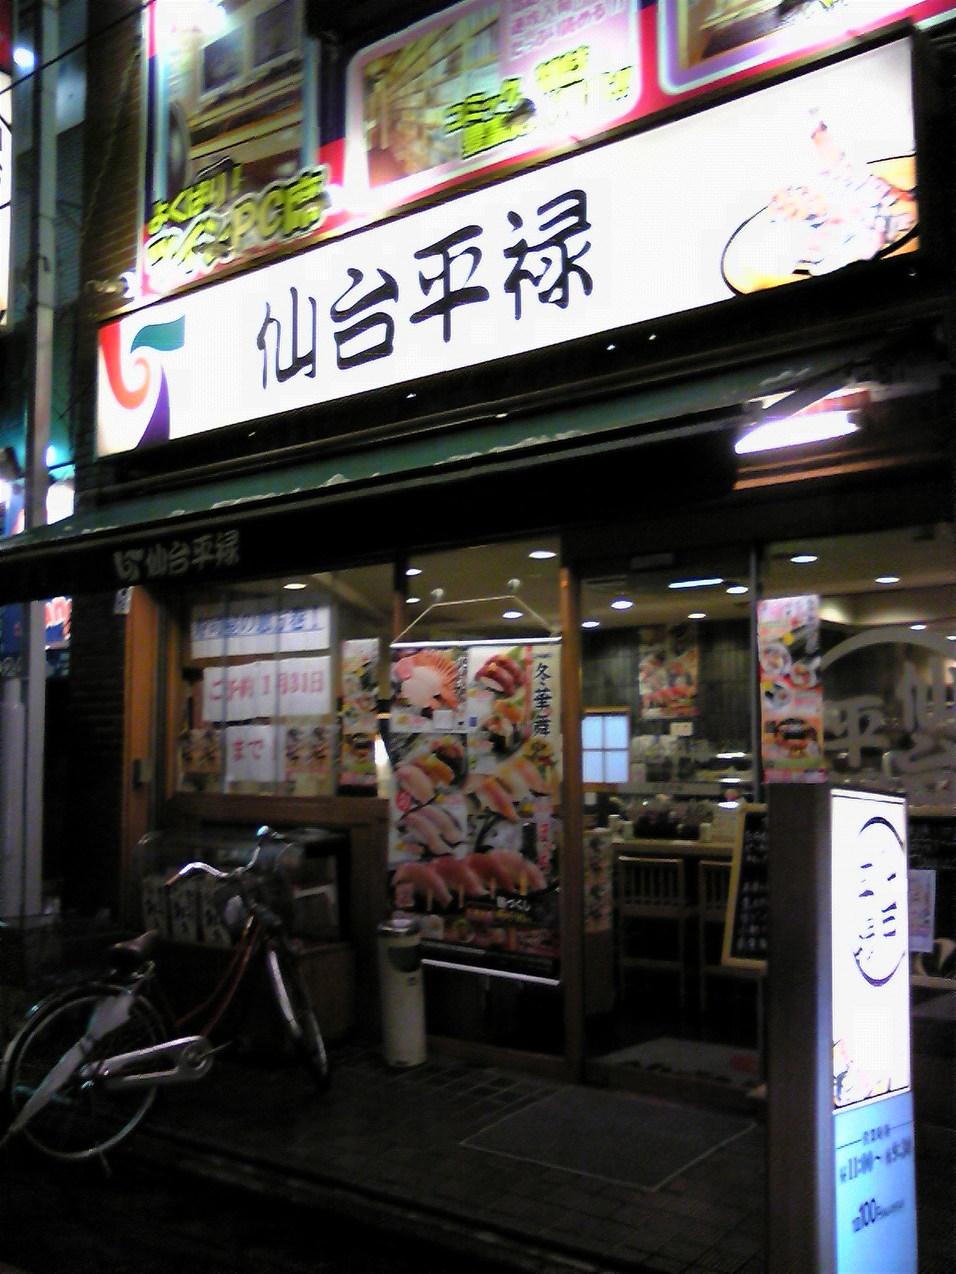 平禄寿司 東京葛飾亀有店